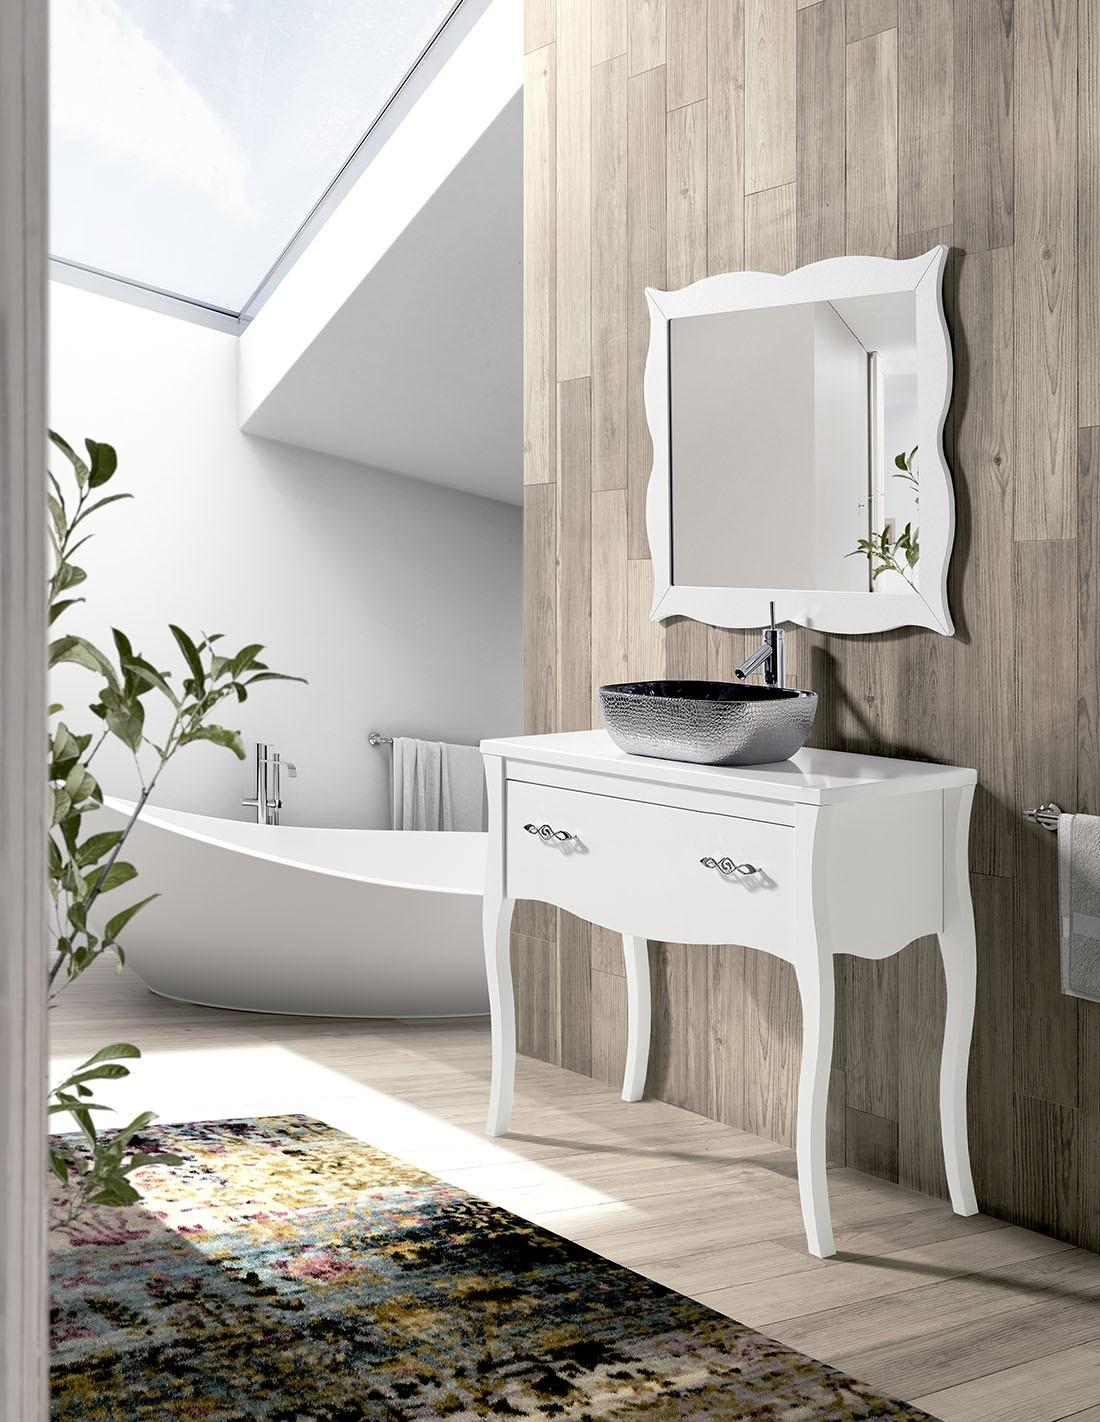 Mueble de baño vintage blanco con patas